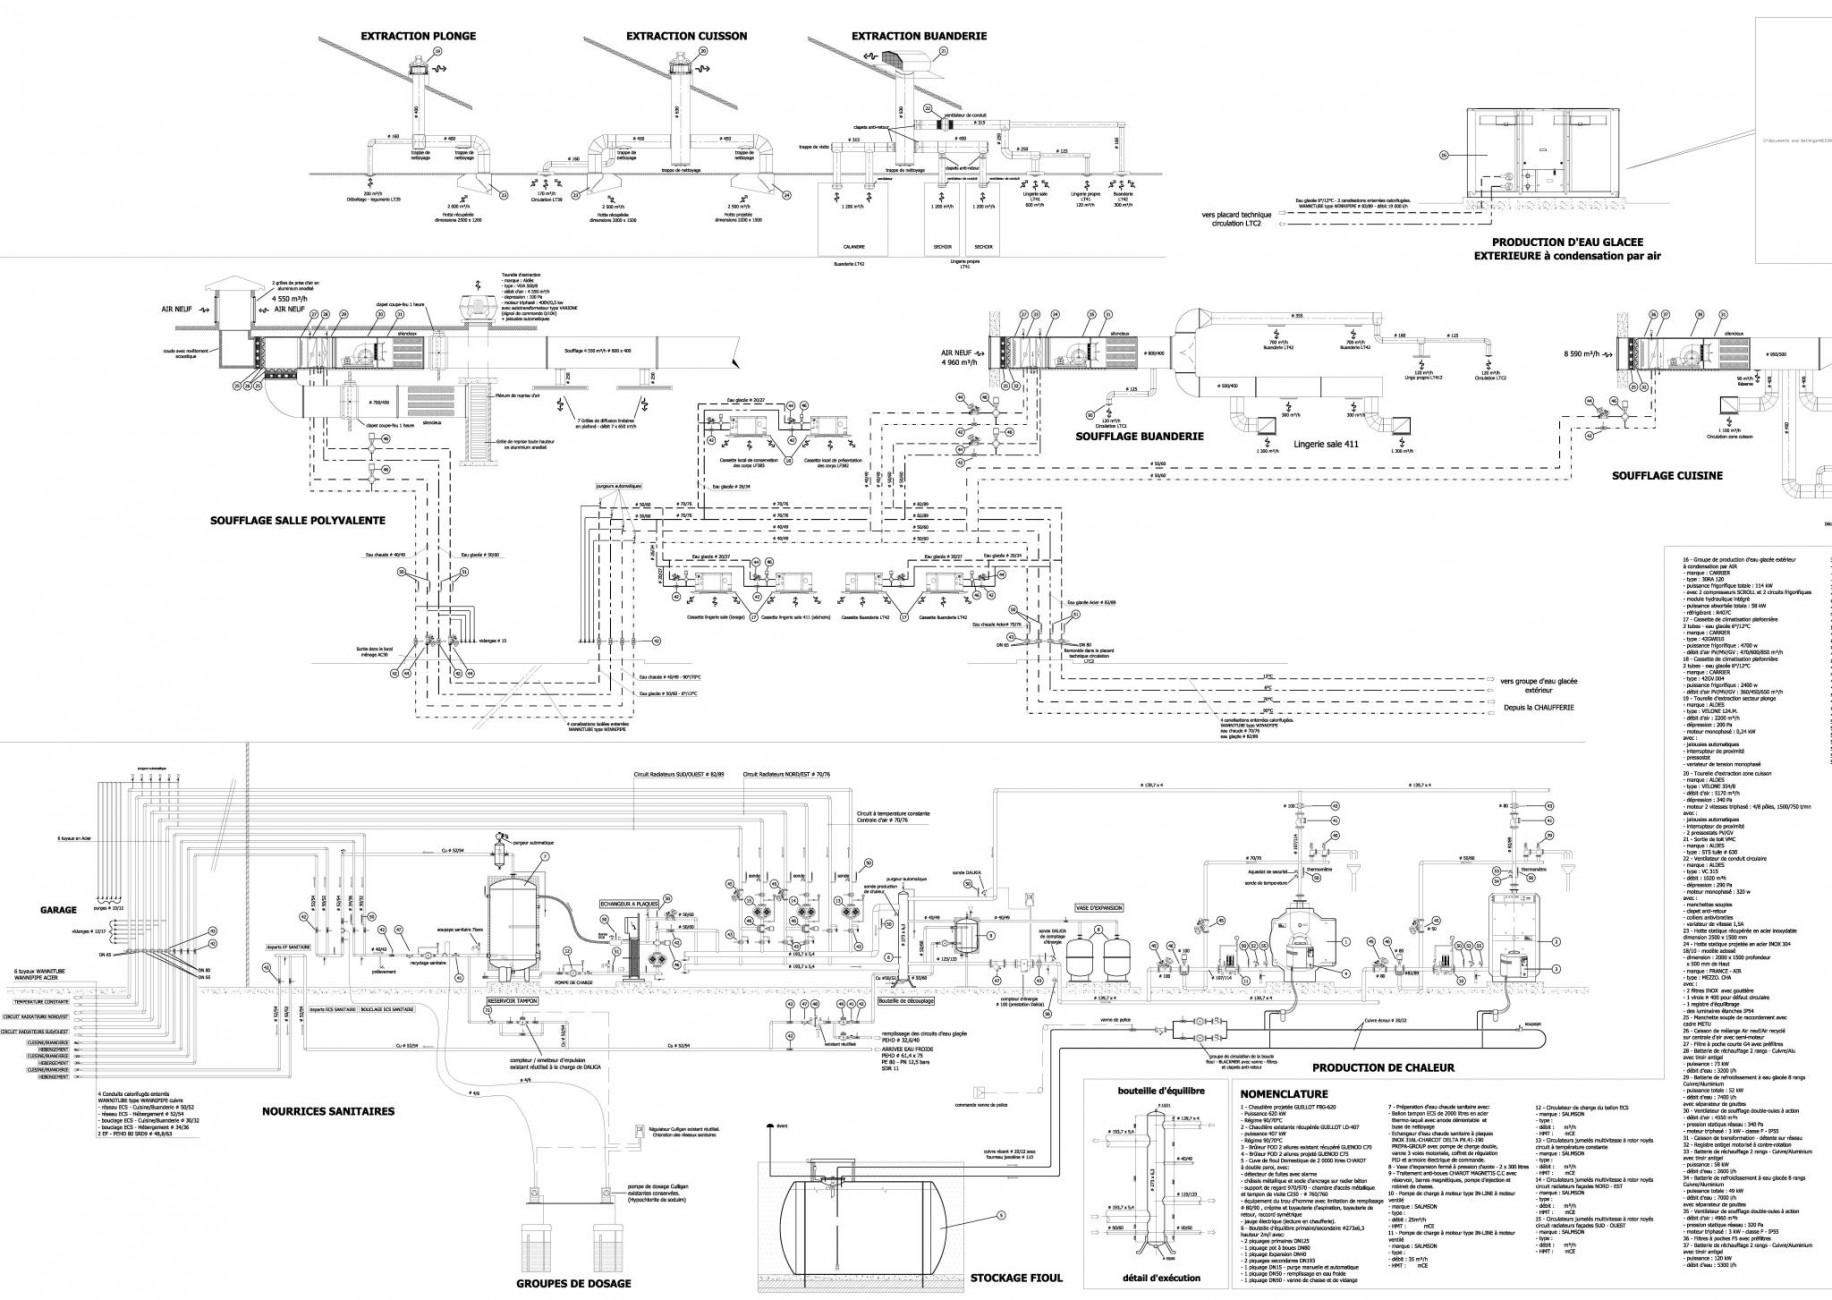 Pict0002 · pict0025 · s mes dossiers archives culhat det plans à jour culhat exe2 décembre 2005 schema de chaufferie présentation1 1